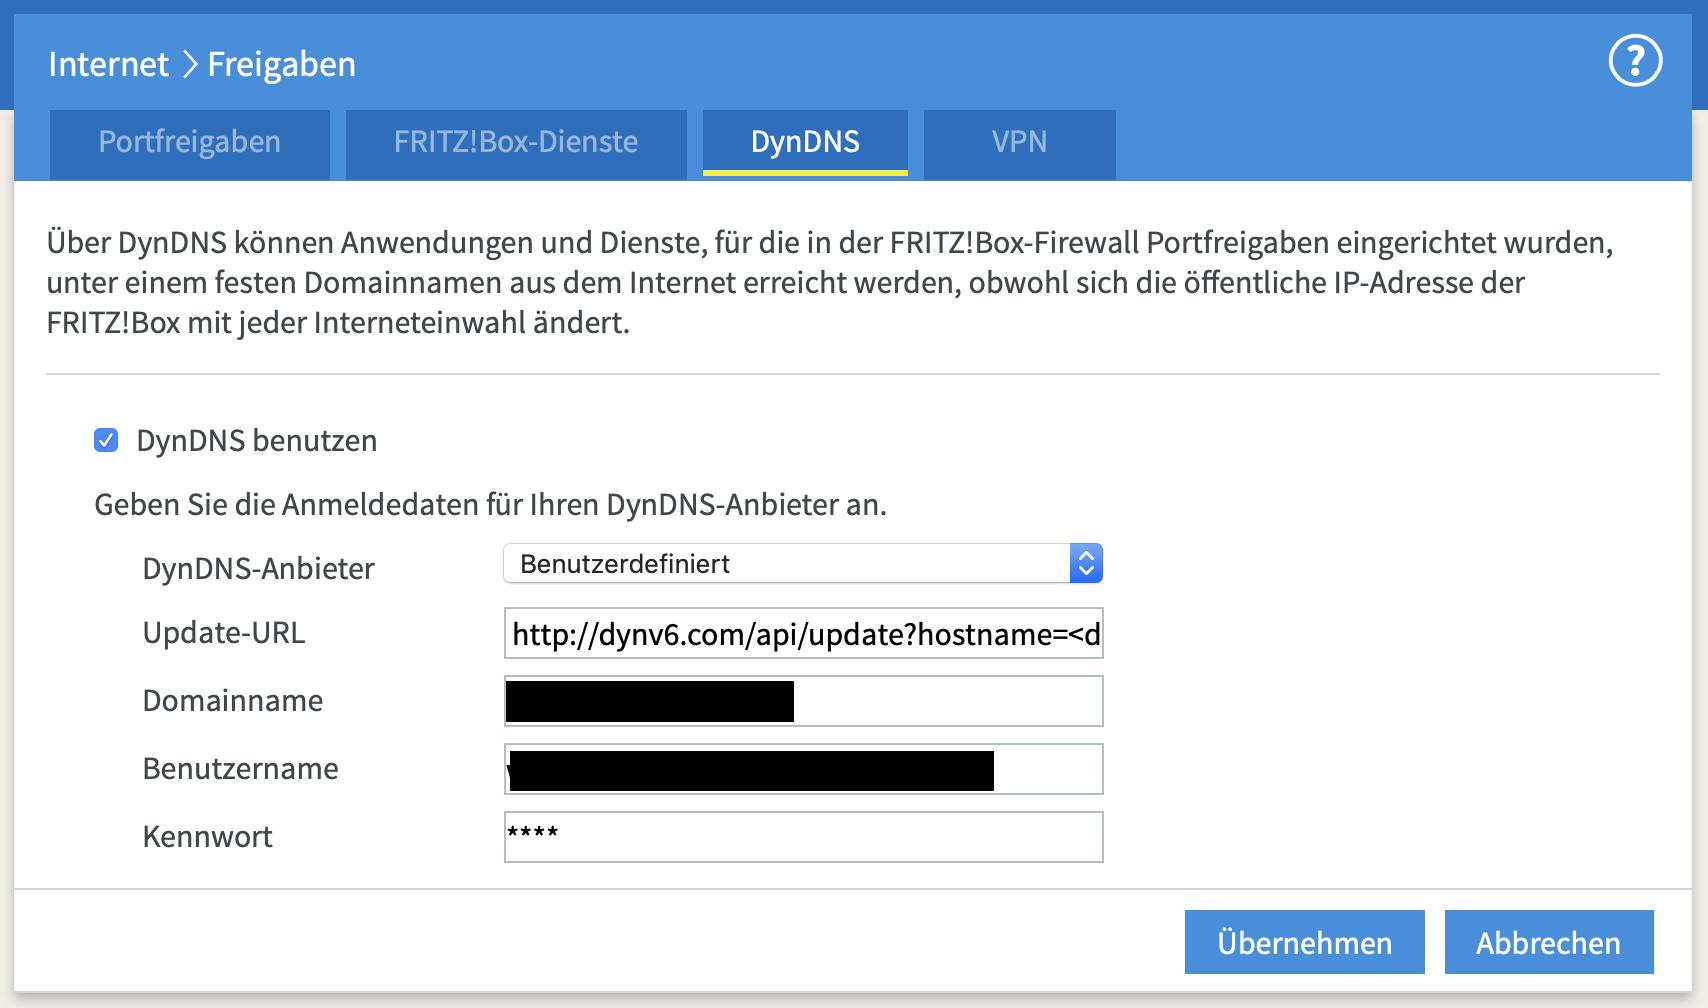 Gebt die Zugangsdaten des dynv6-DynDNS in der FritzBox ein.